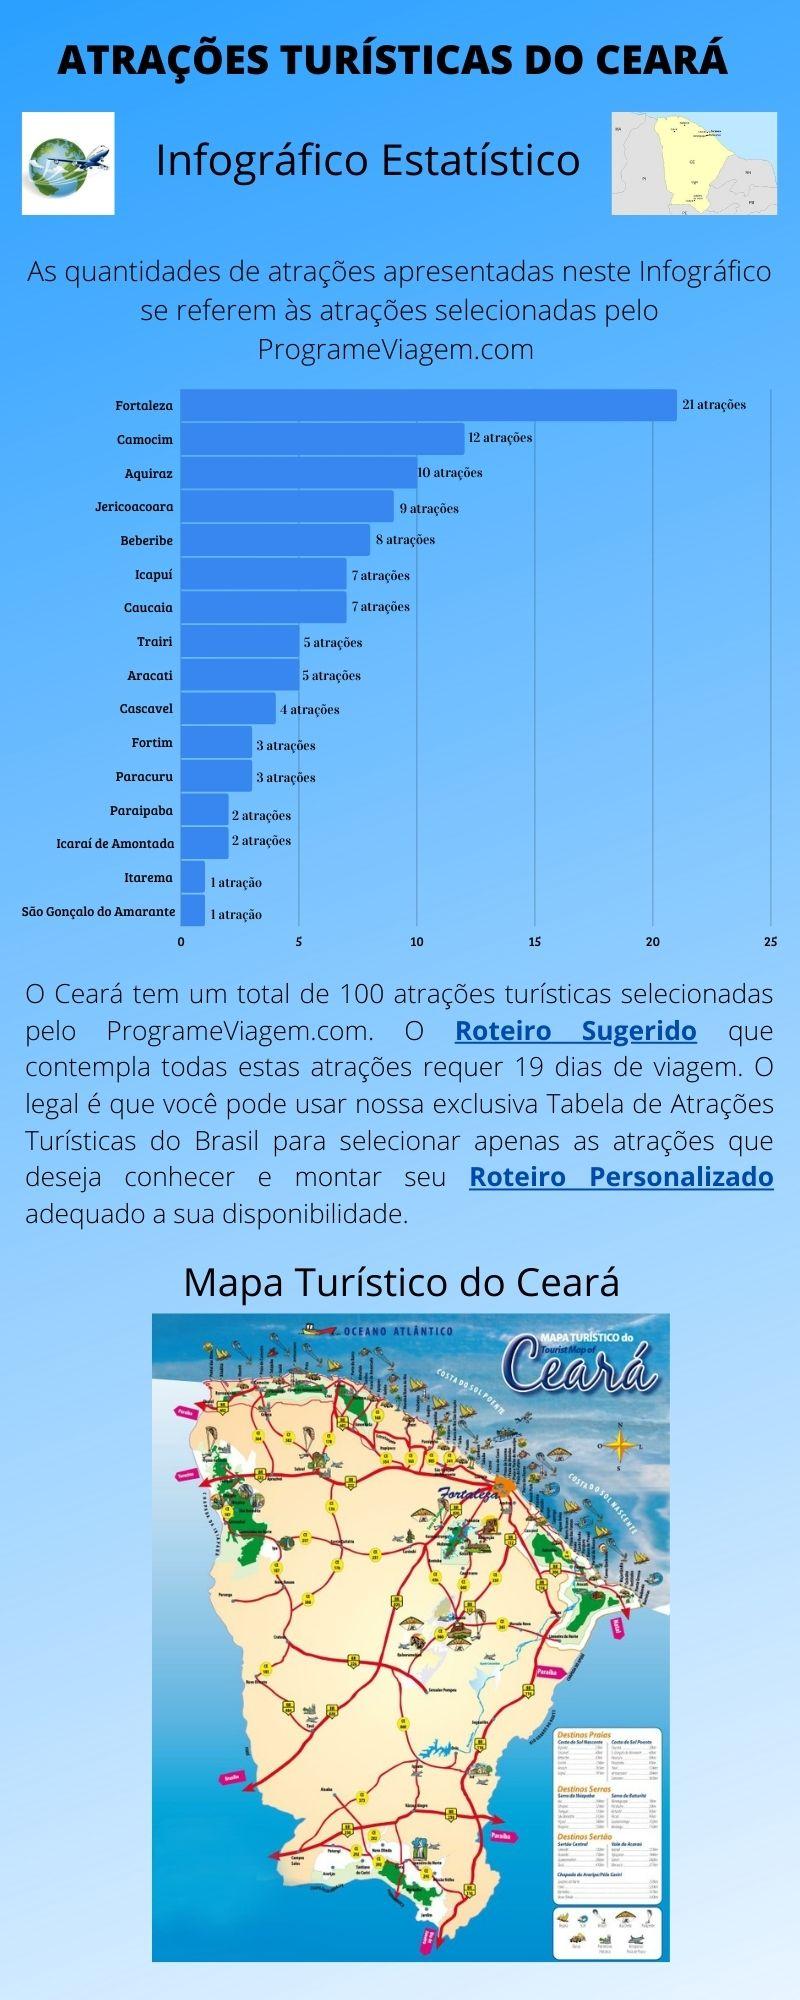 Infográfico Atrações Turísticas do Ceará